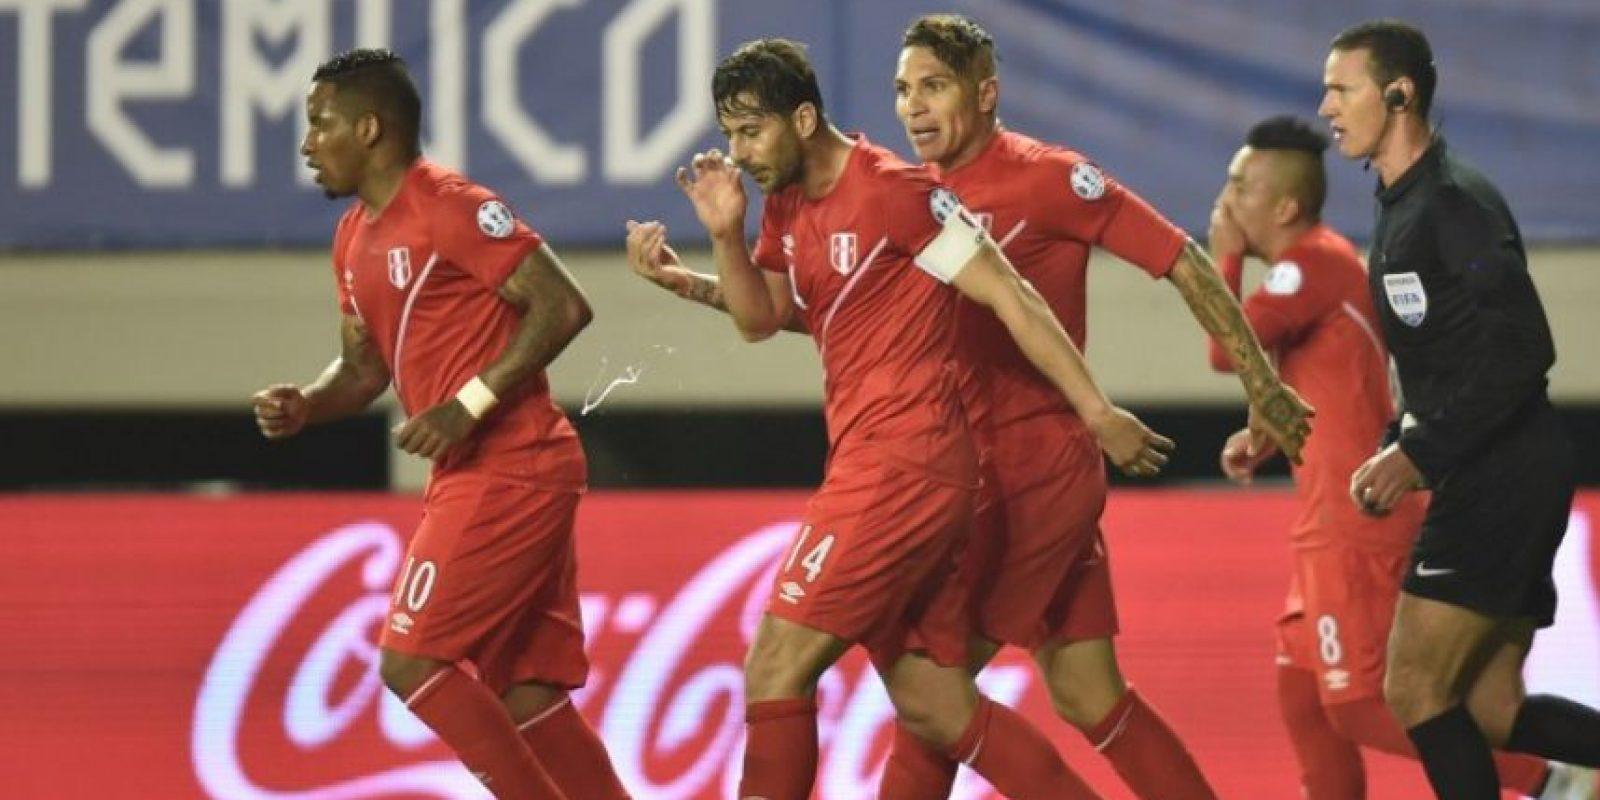 Perú eliminó en cuartos de final a Bolvia Foto:AFP